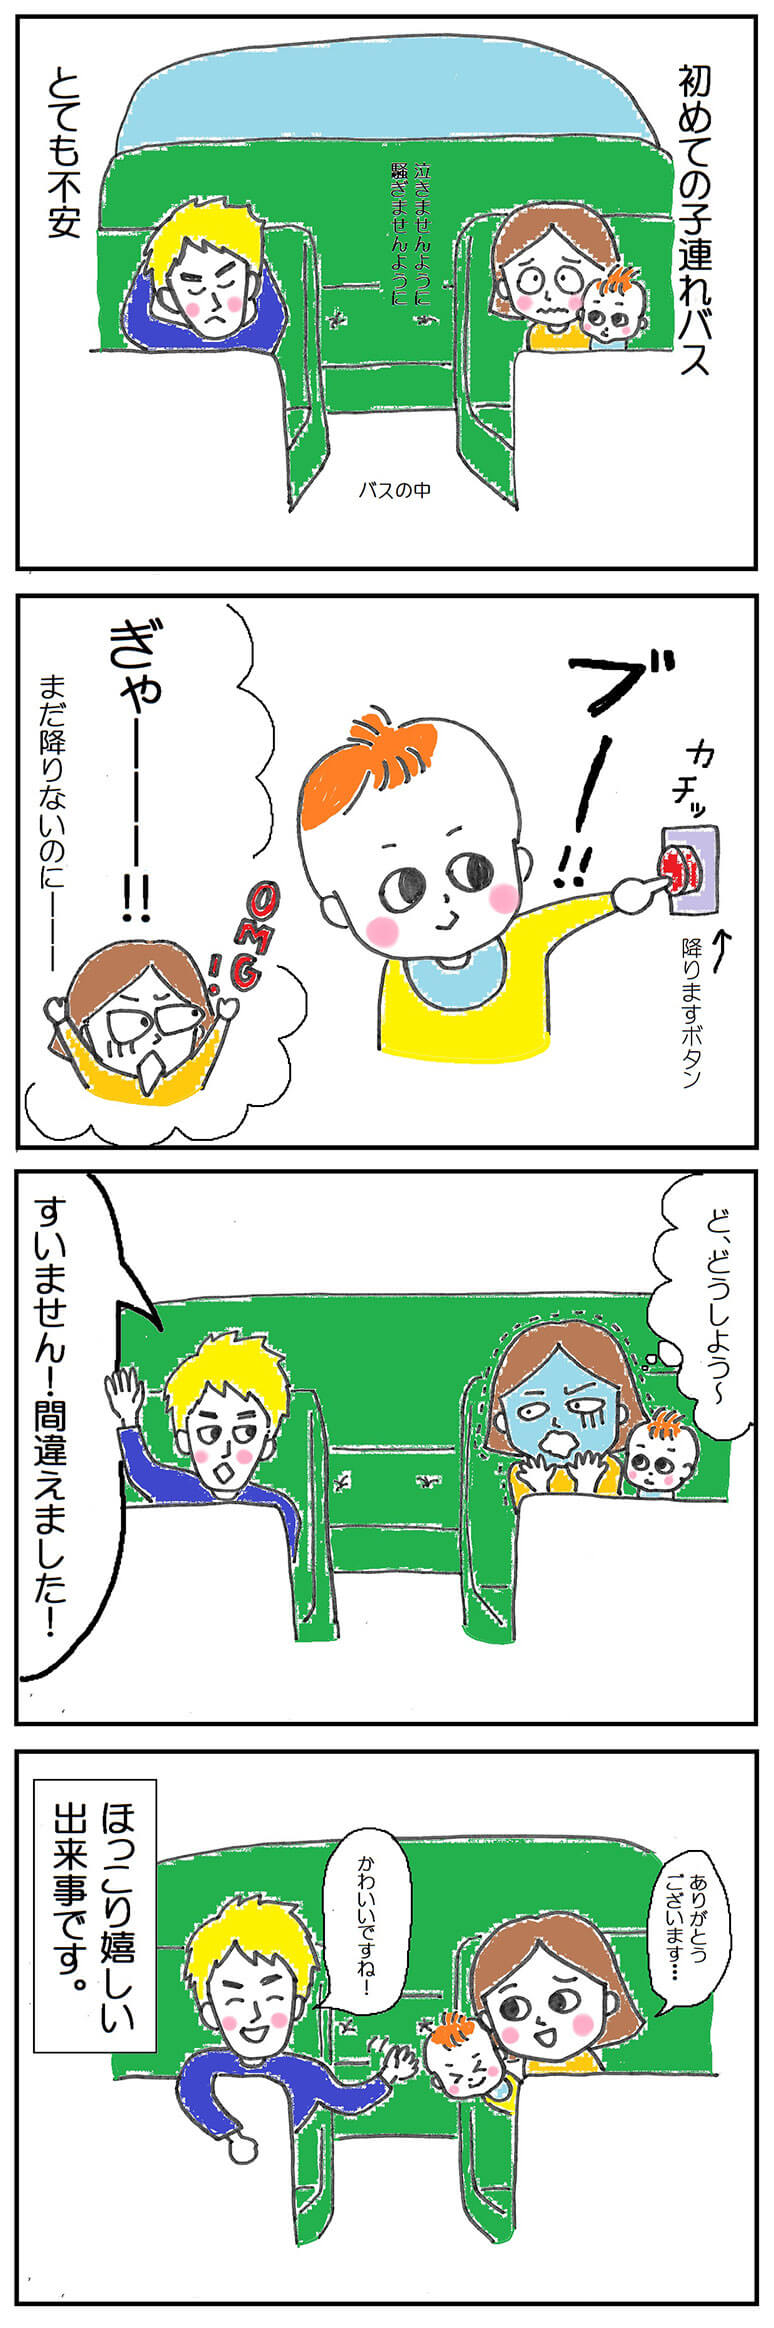 赤ちゃんとの子連れバスの子育て4コマ漫画